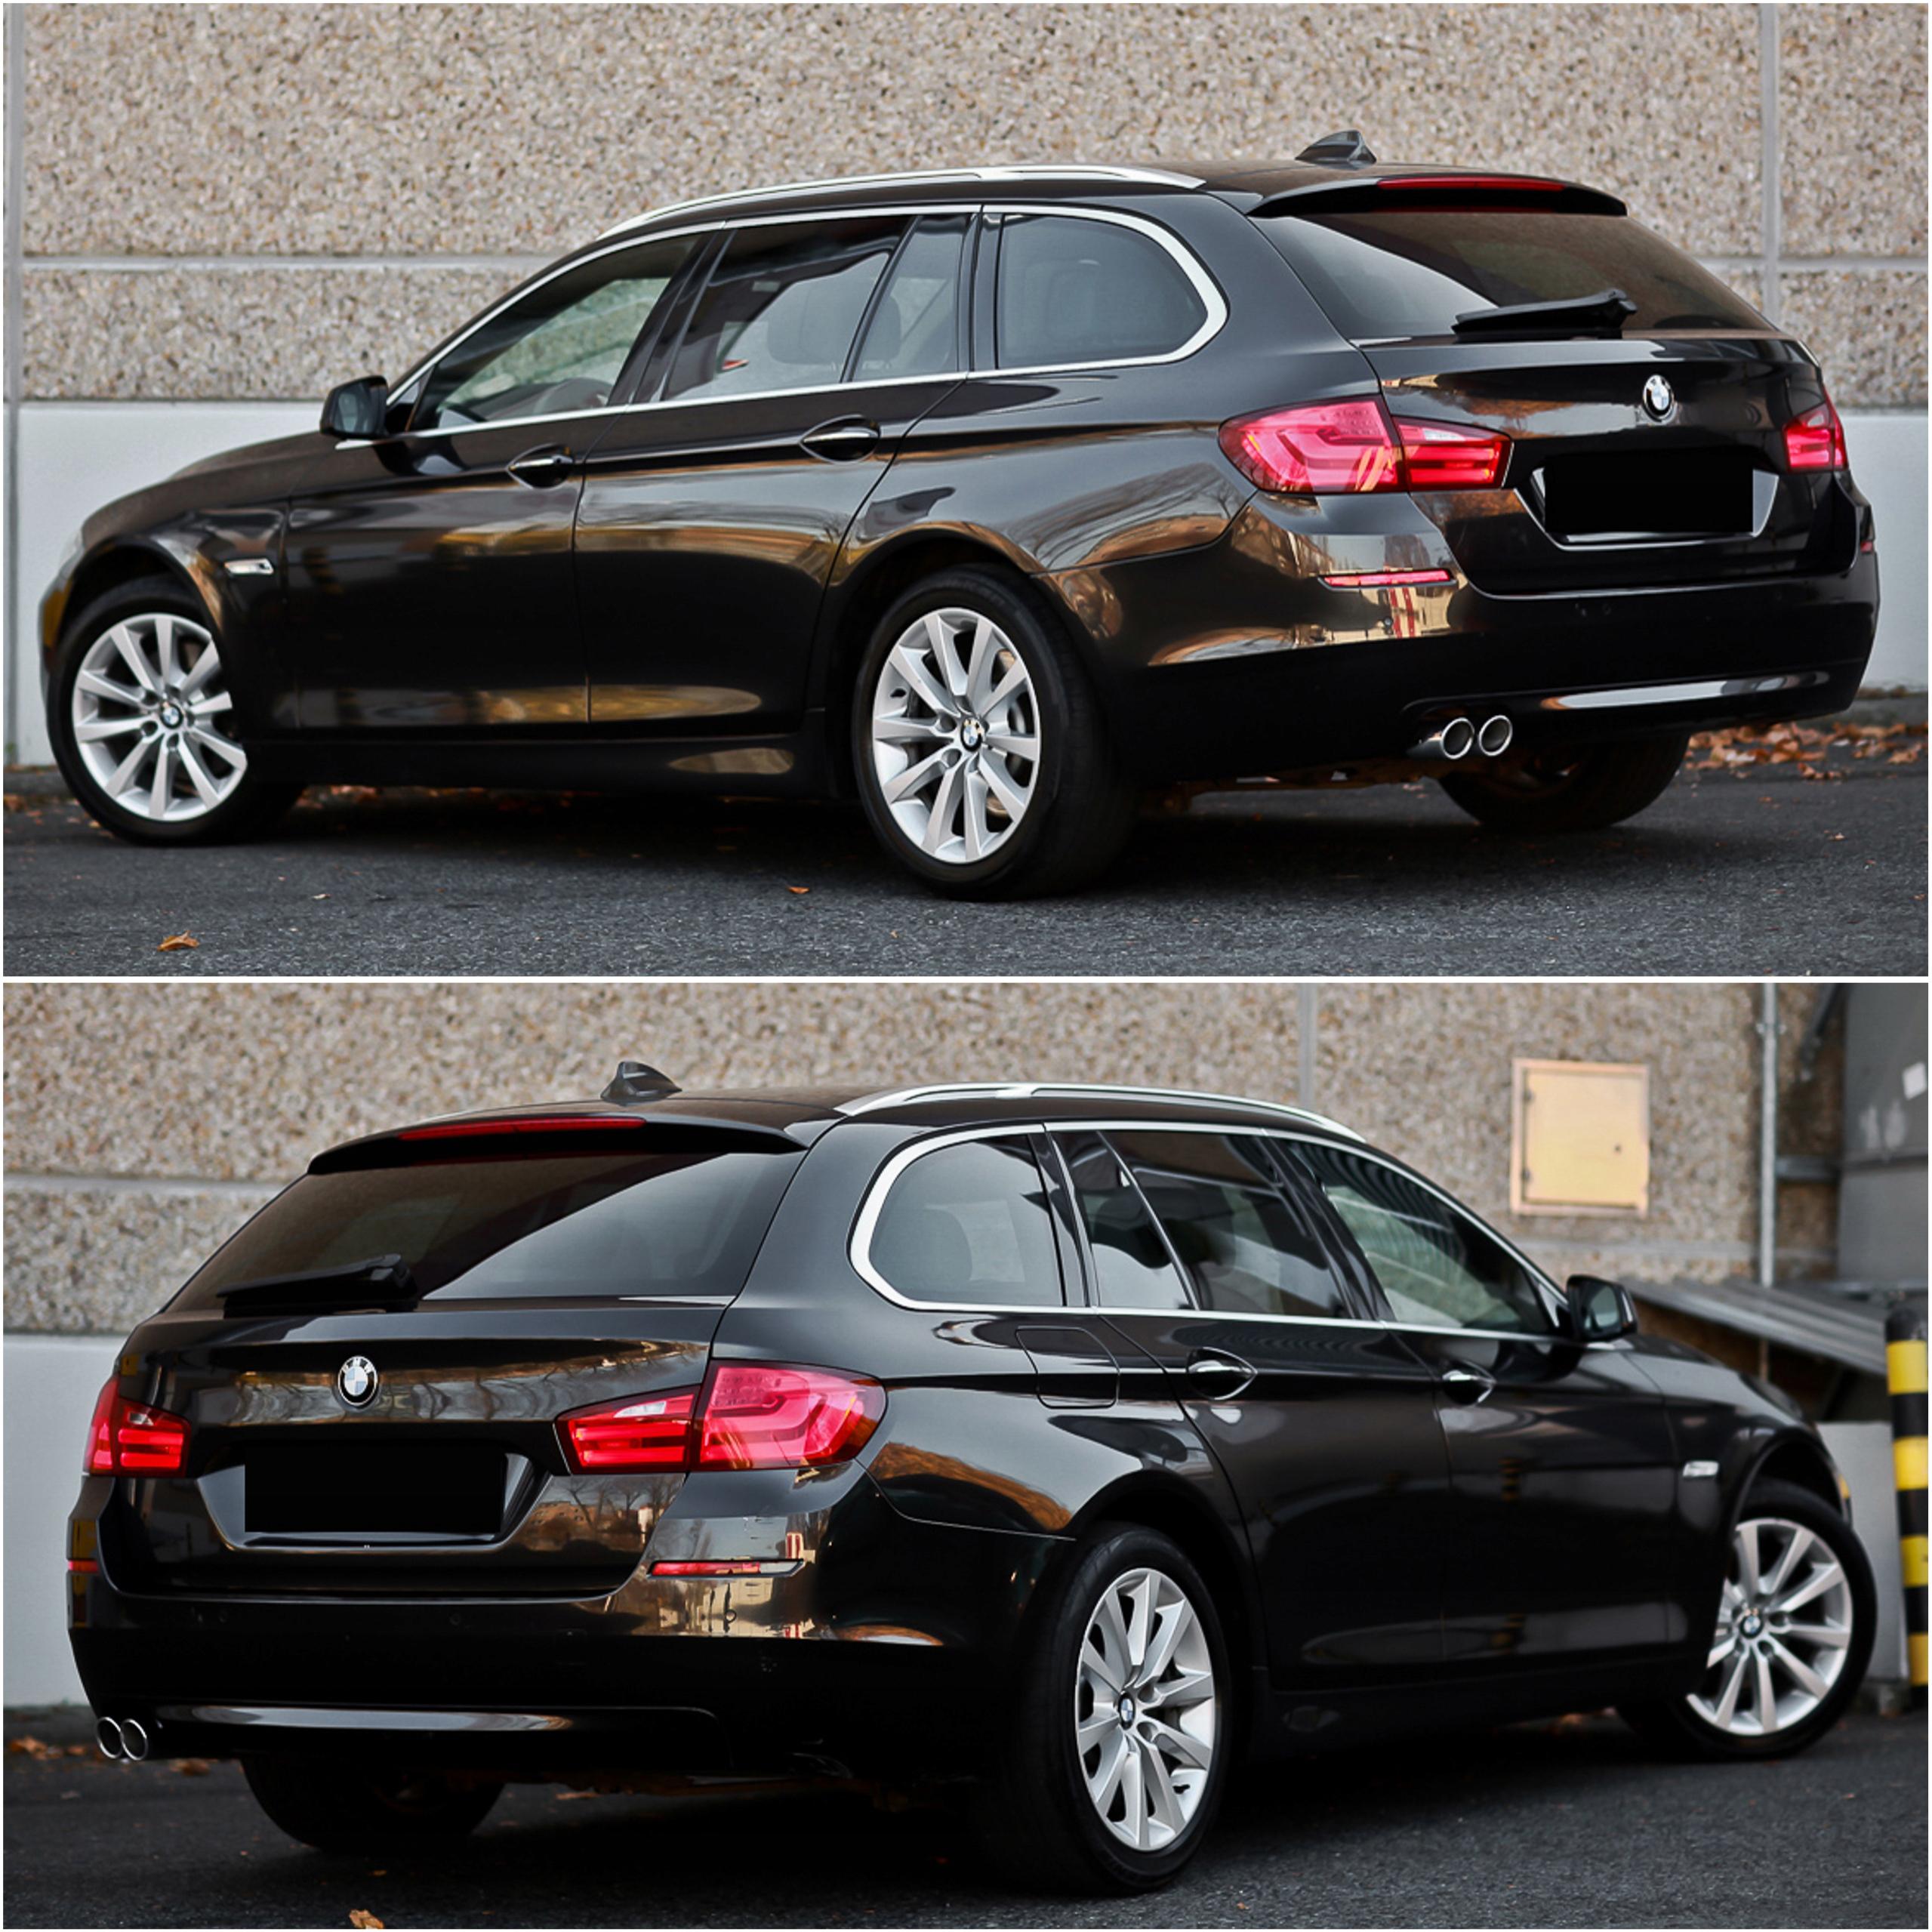 Bmw 520d Touring: BMW 520d Touring, HUD,NaviProf,Panorama,Skóra